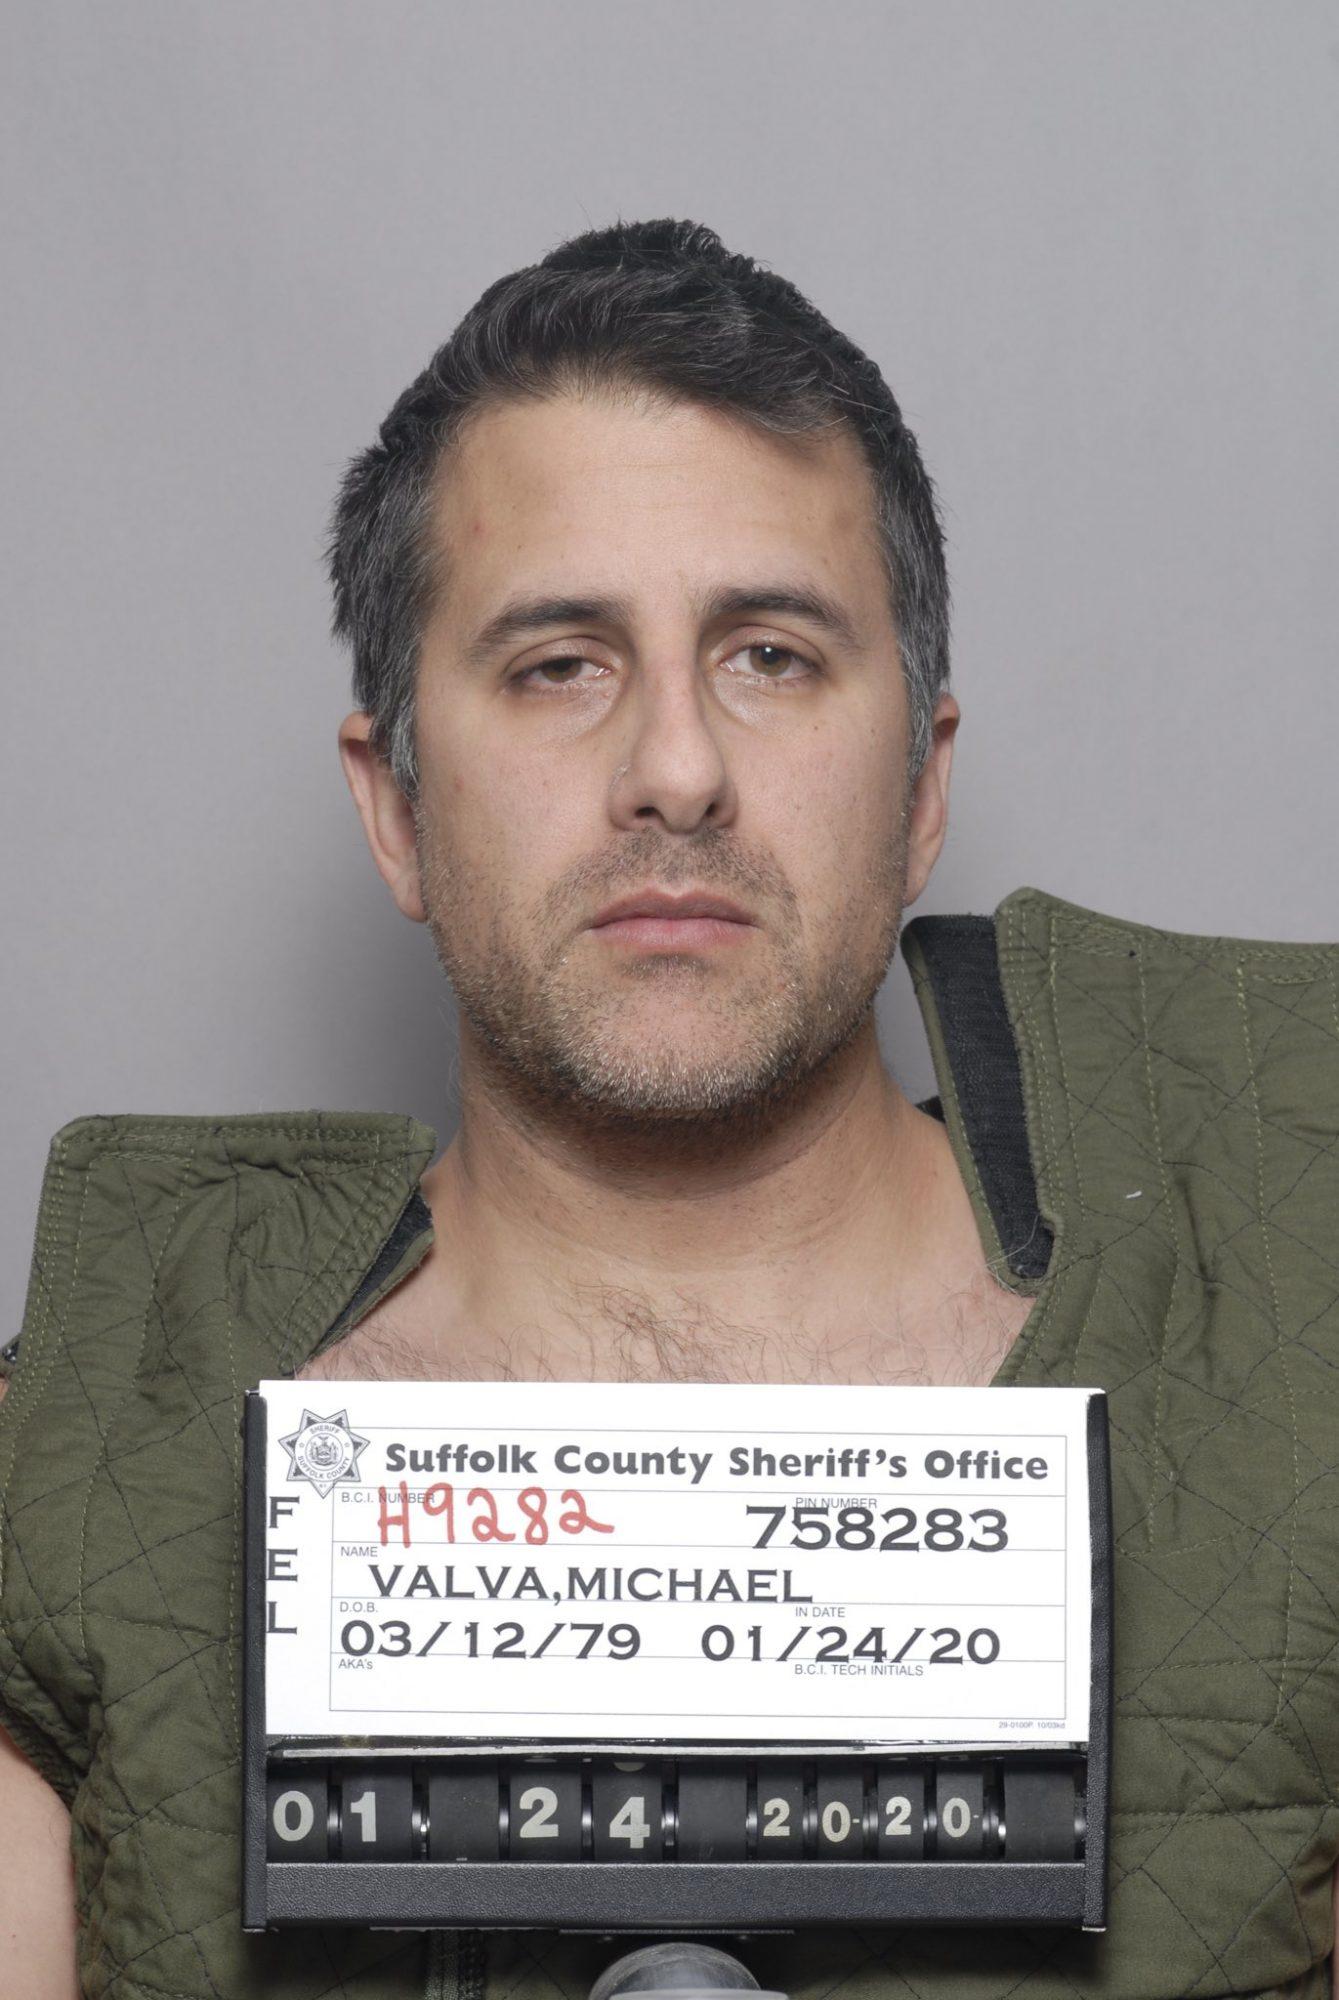 Michael Valva